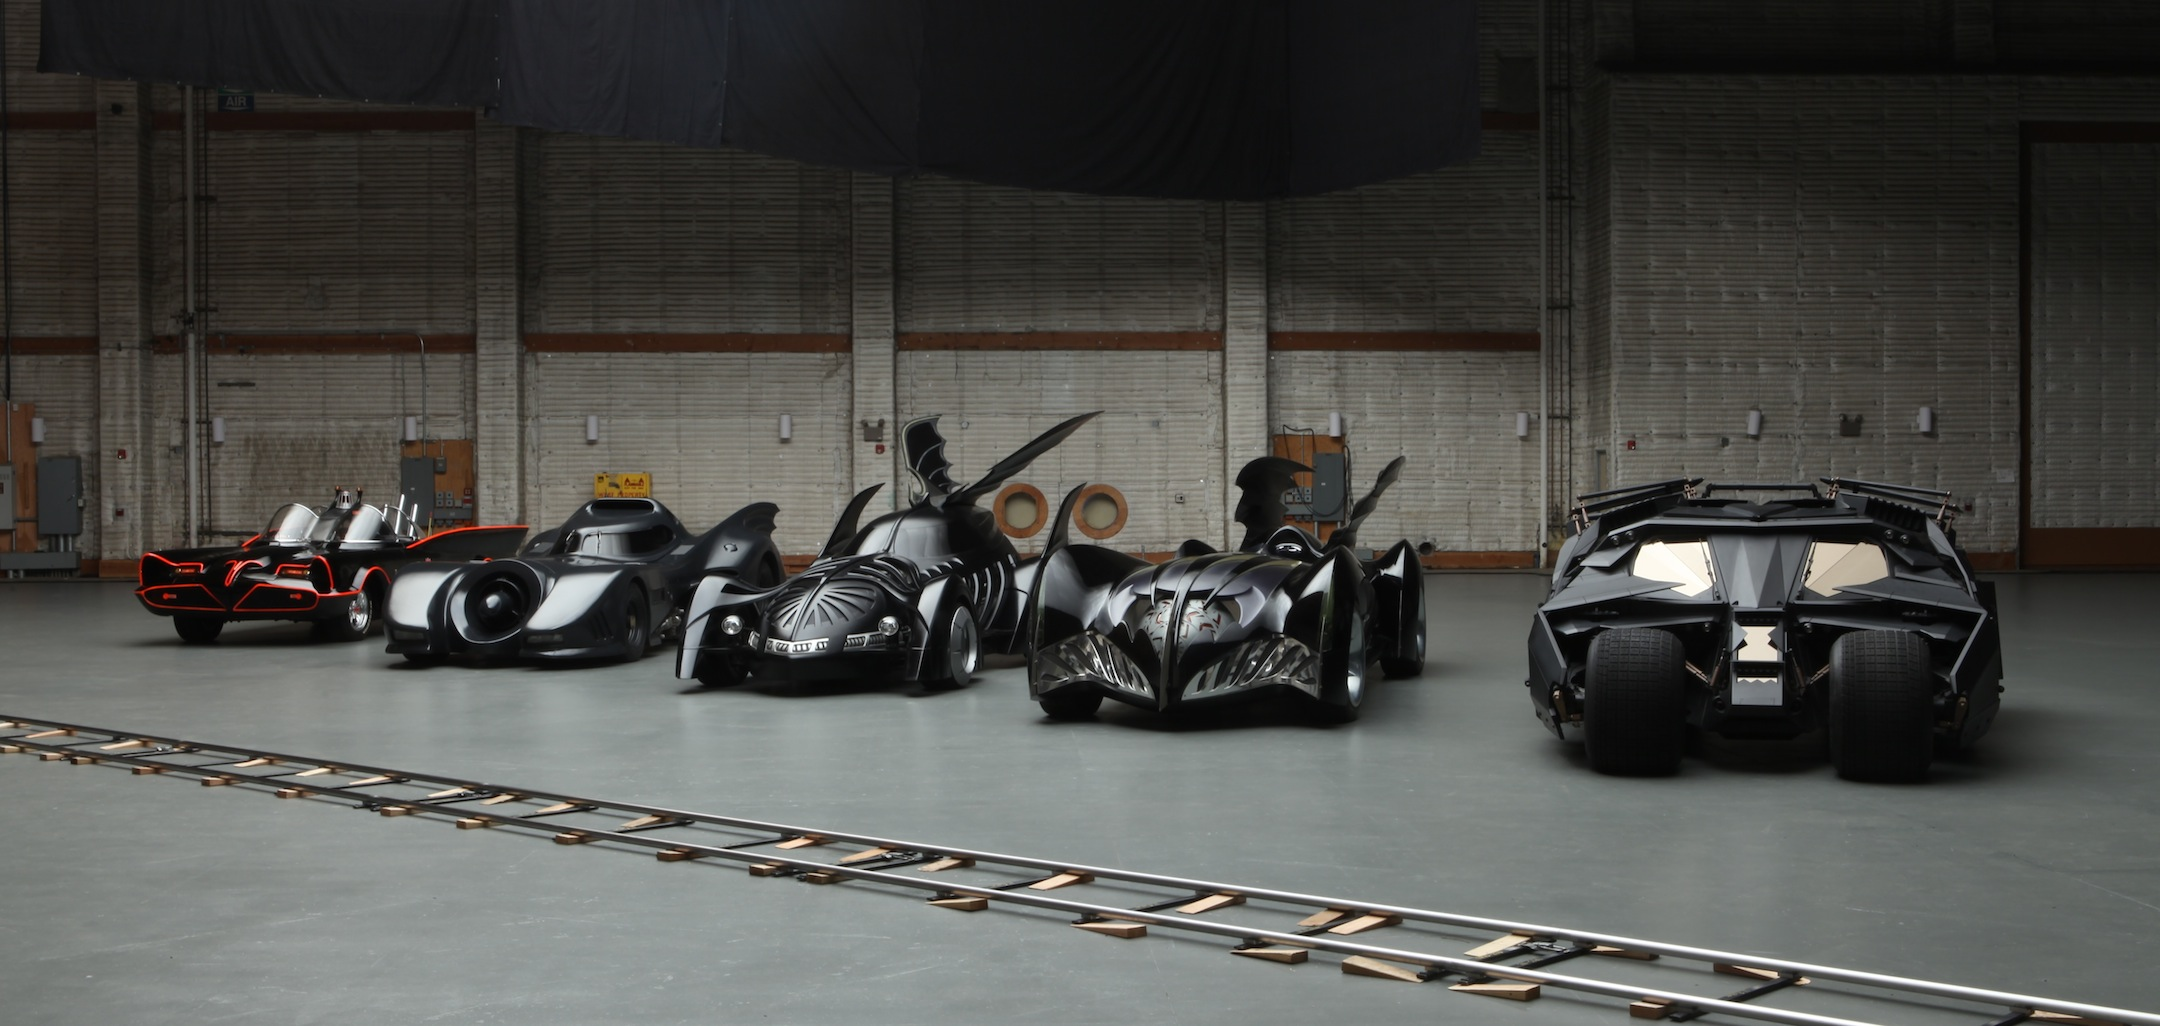 Sneak Peek at the New Batmobile for 'Batman vs. Superman'